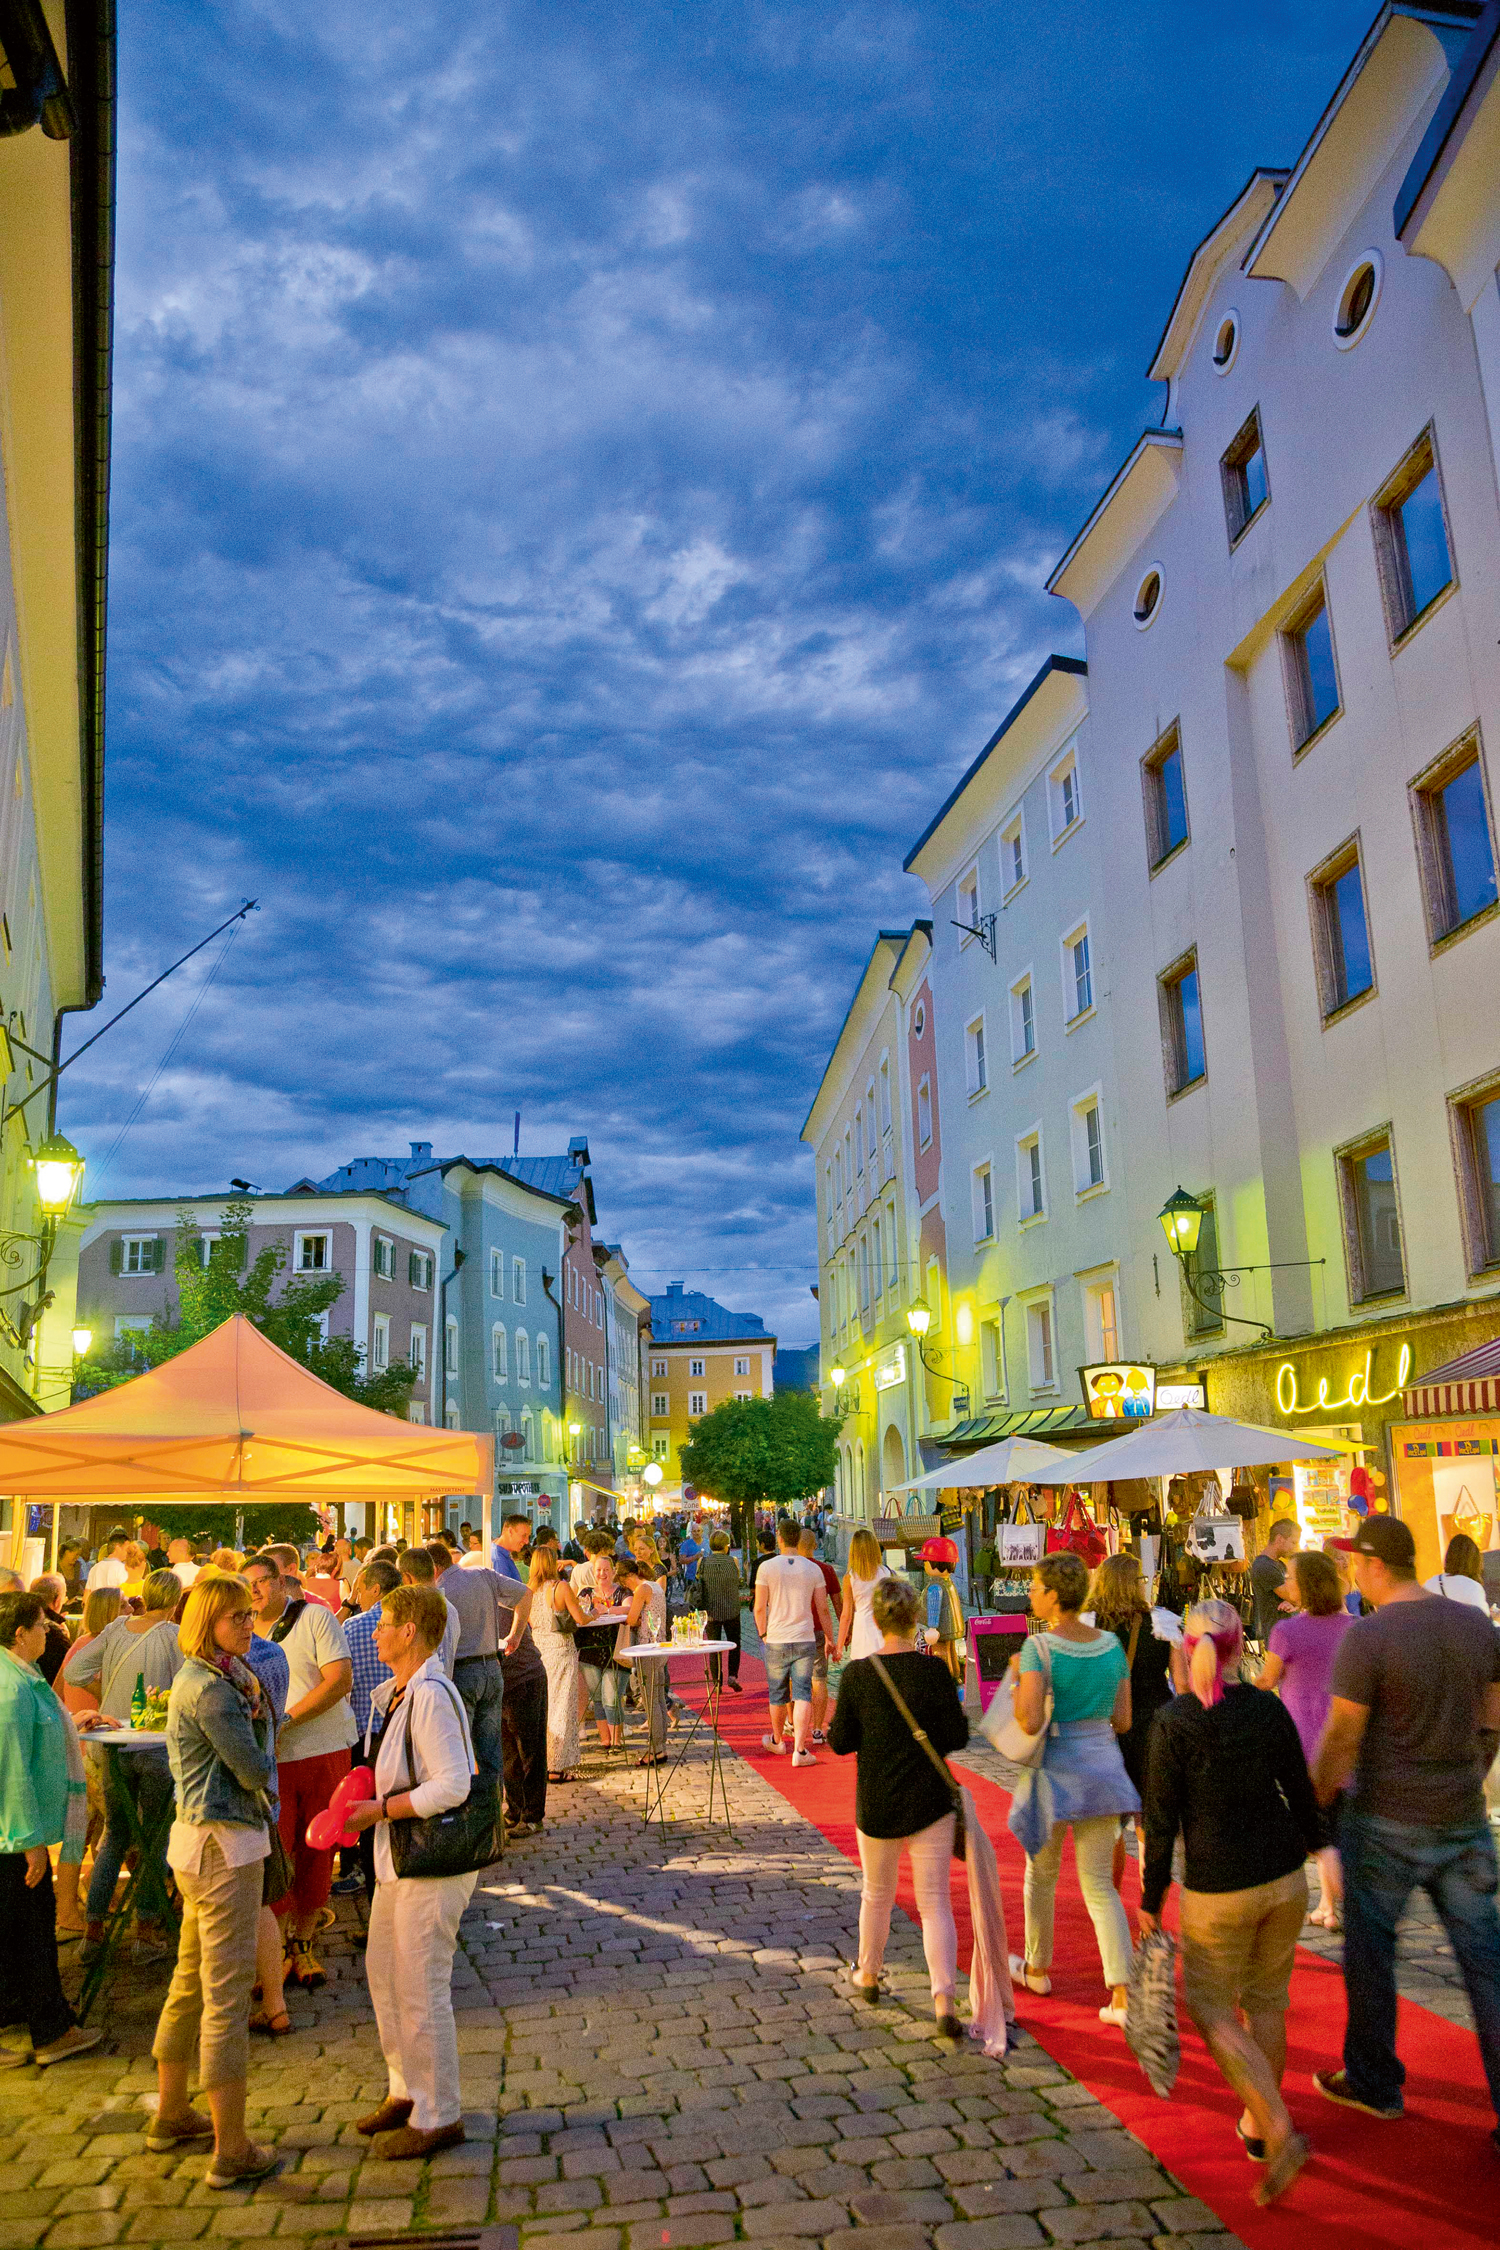 """Nicht nur während des regelmäßigen """"Moonlight Shopping"""" präsentiert sich Hallein als attraktives und lebenswertes Ausflugs- und Einkaufsziel. © Tourismusverband Hallein, Foto: wildbild"""